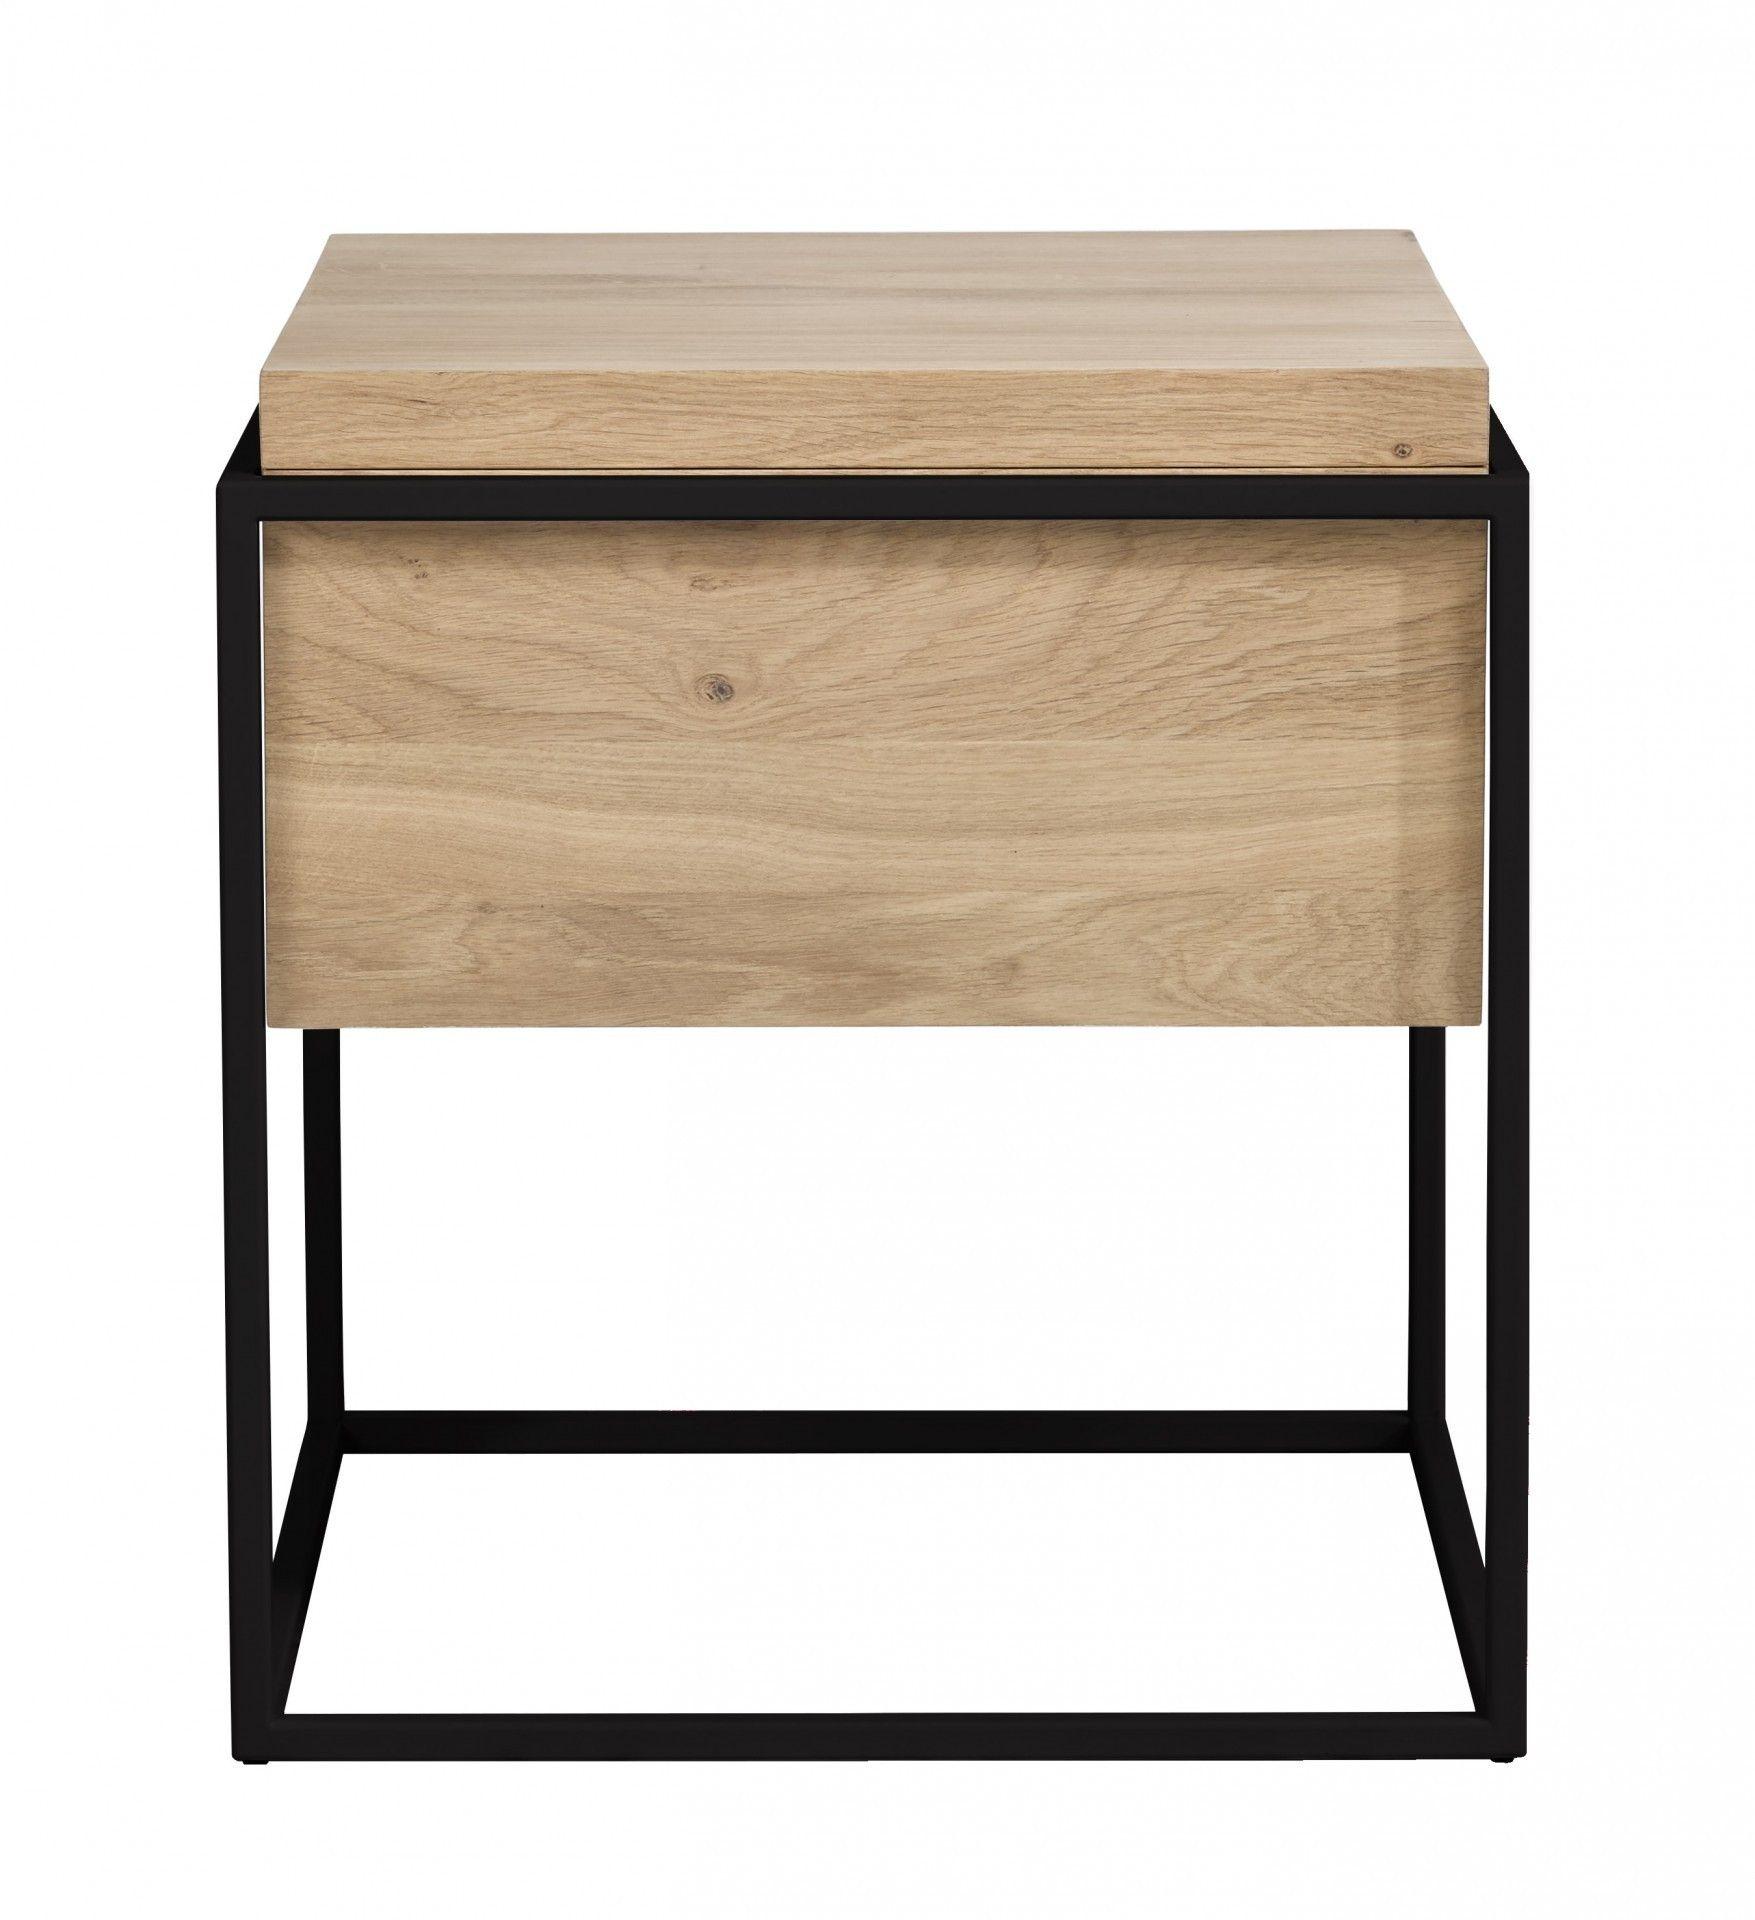 Table D Appoint Monolit D Universo Positivo 3 Tailles 2 Coloris  # Meuble Tv Universo Positivo